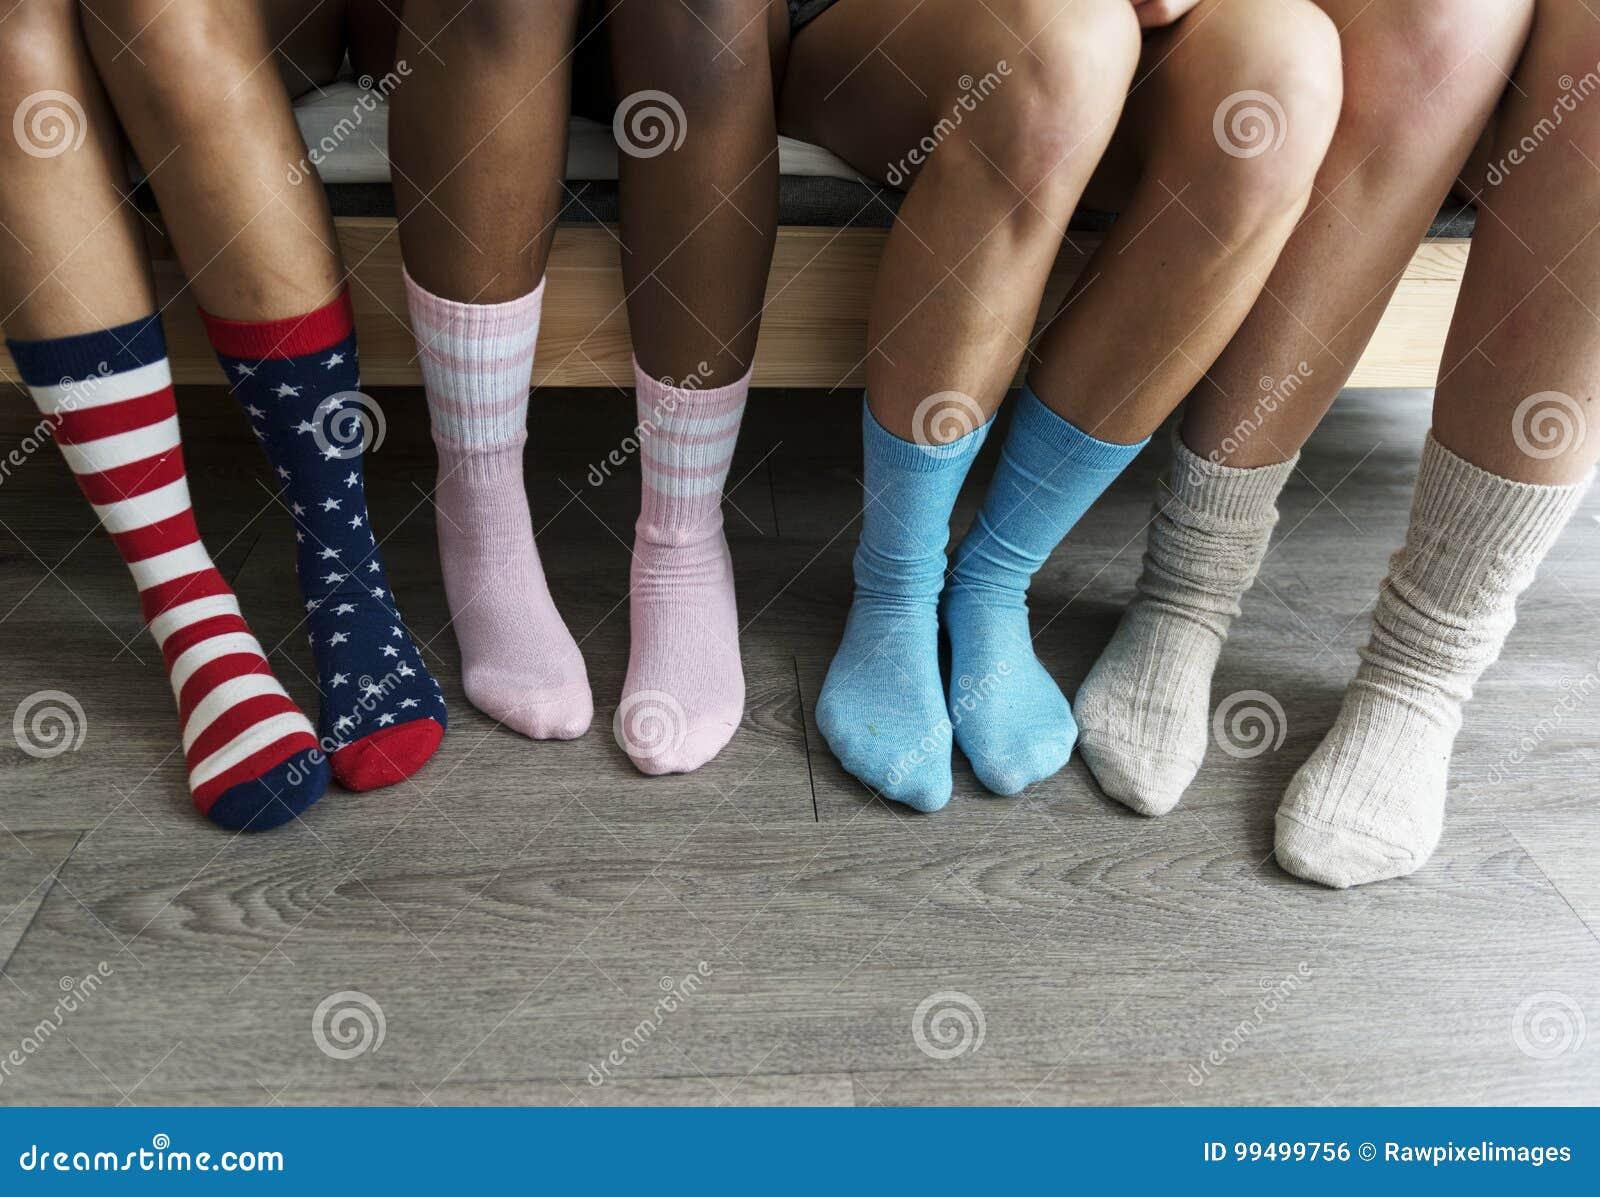 Closeup av ben med sockor